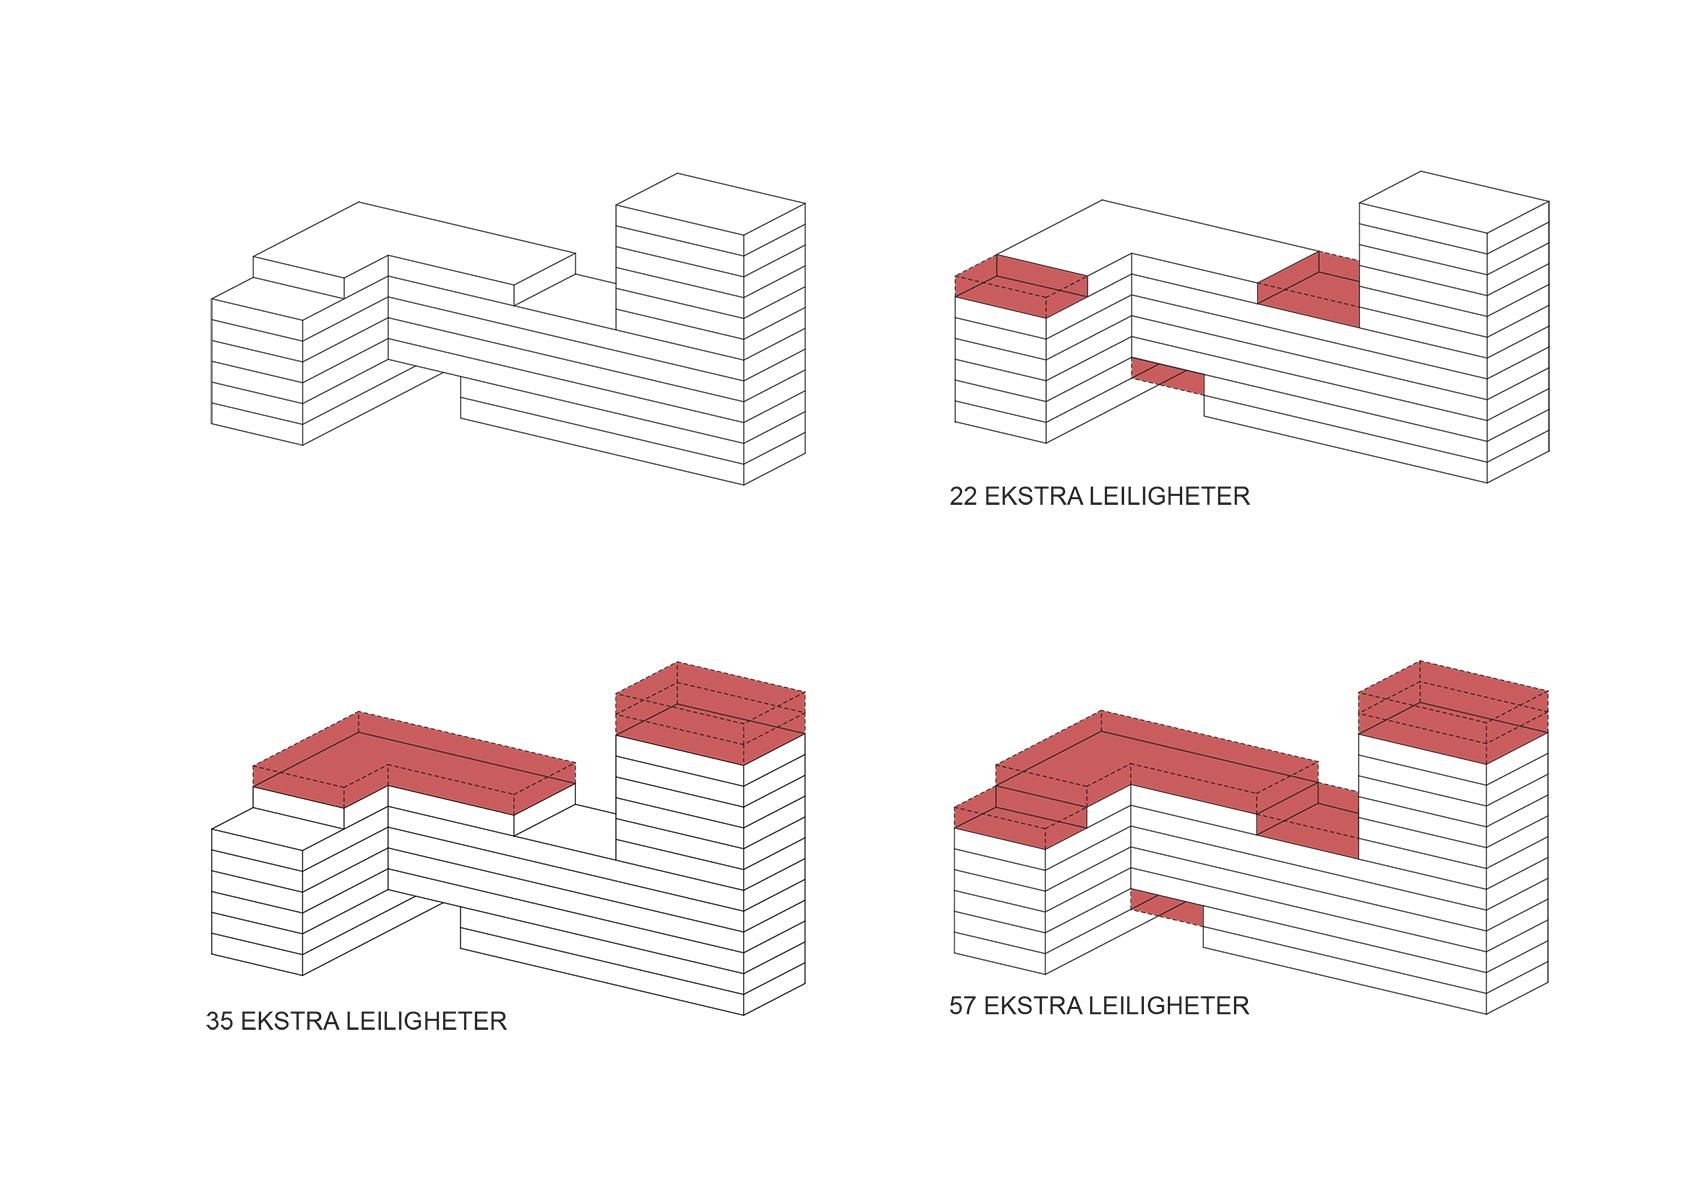 diagrammer leiligheter